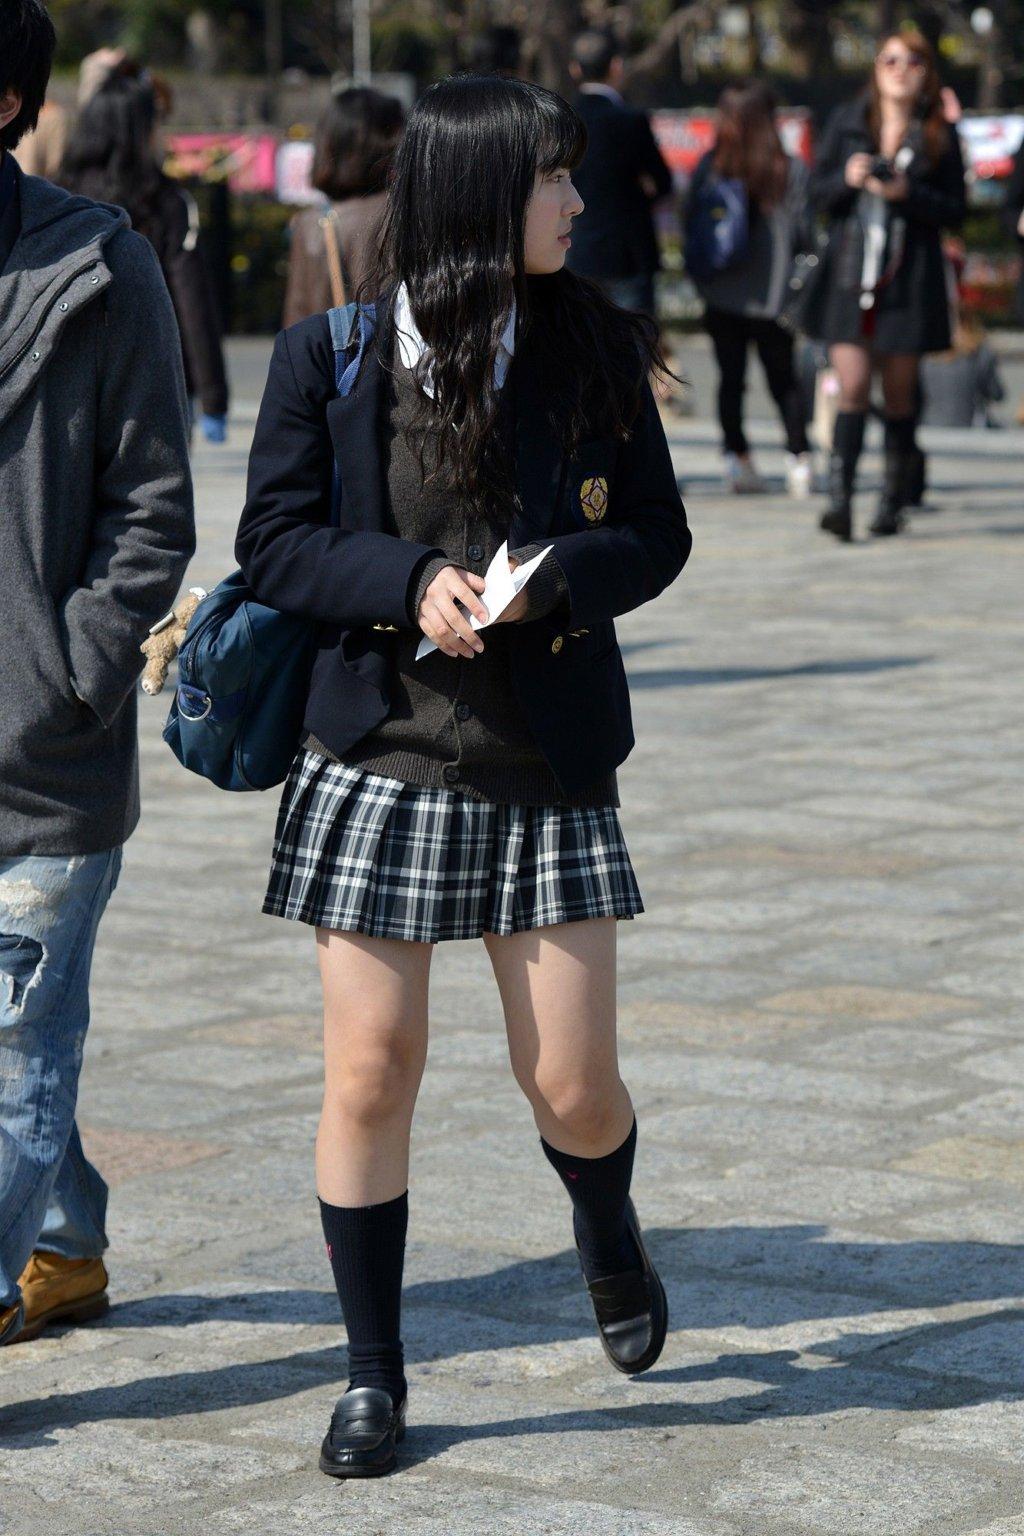 職人がどこからともなく捉えた女子高生の街撮り写真